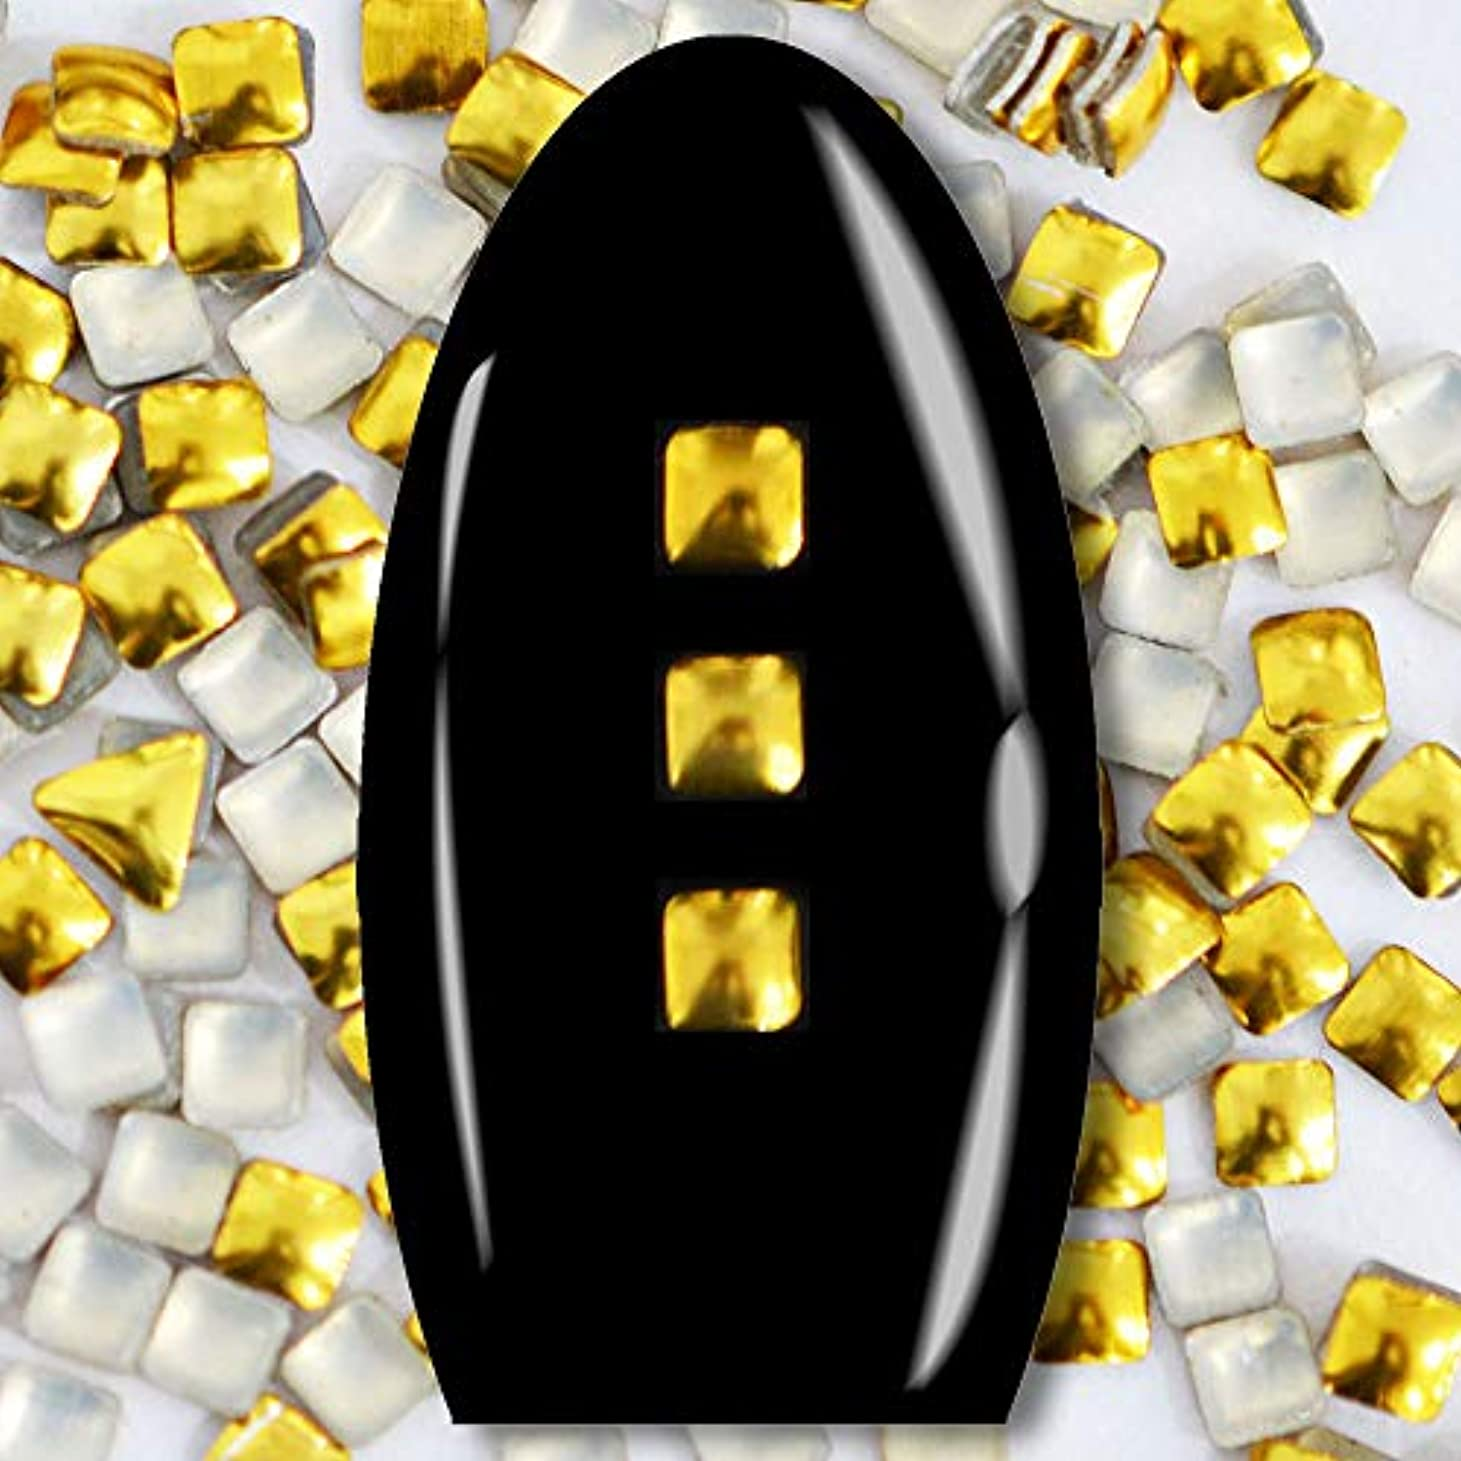 外観ファランクストリッキーメタルスタッズ ネイル用 100粒 STZ015 スクエア ゴールド 2mm